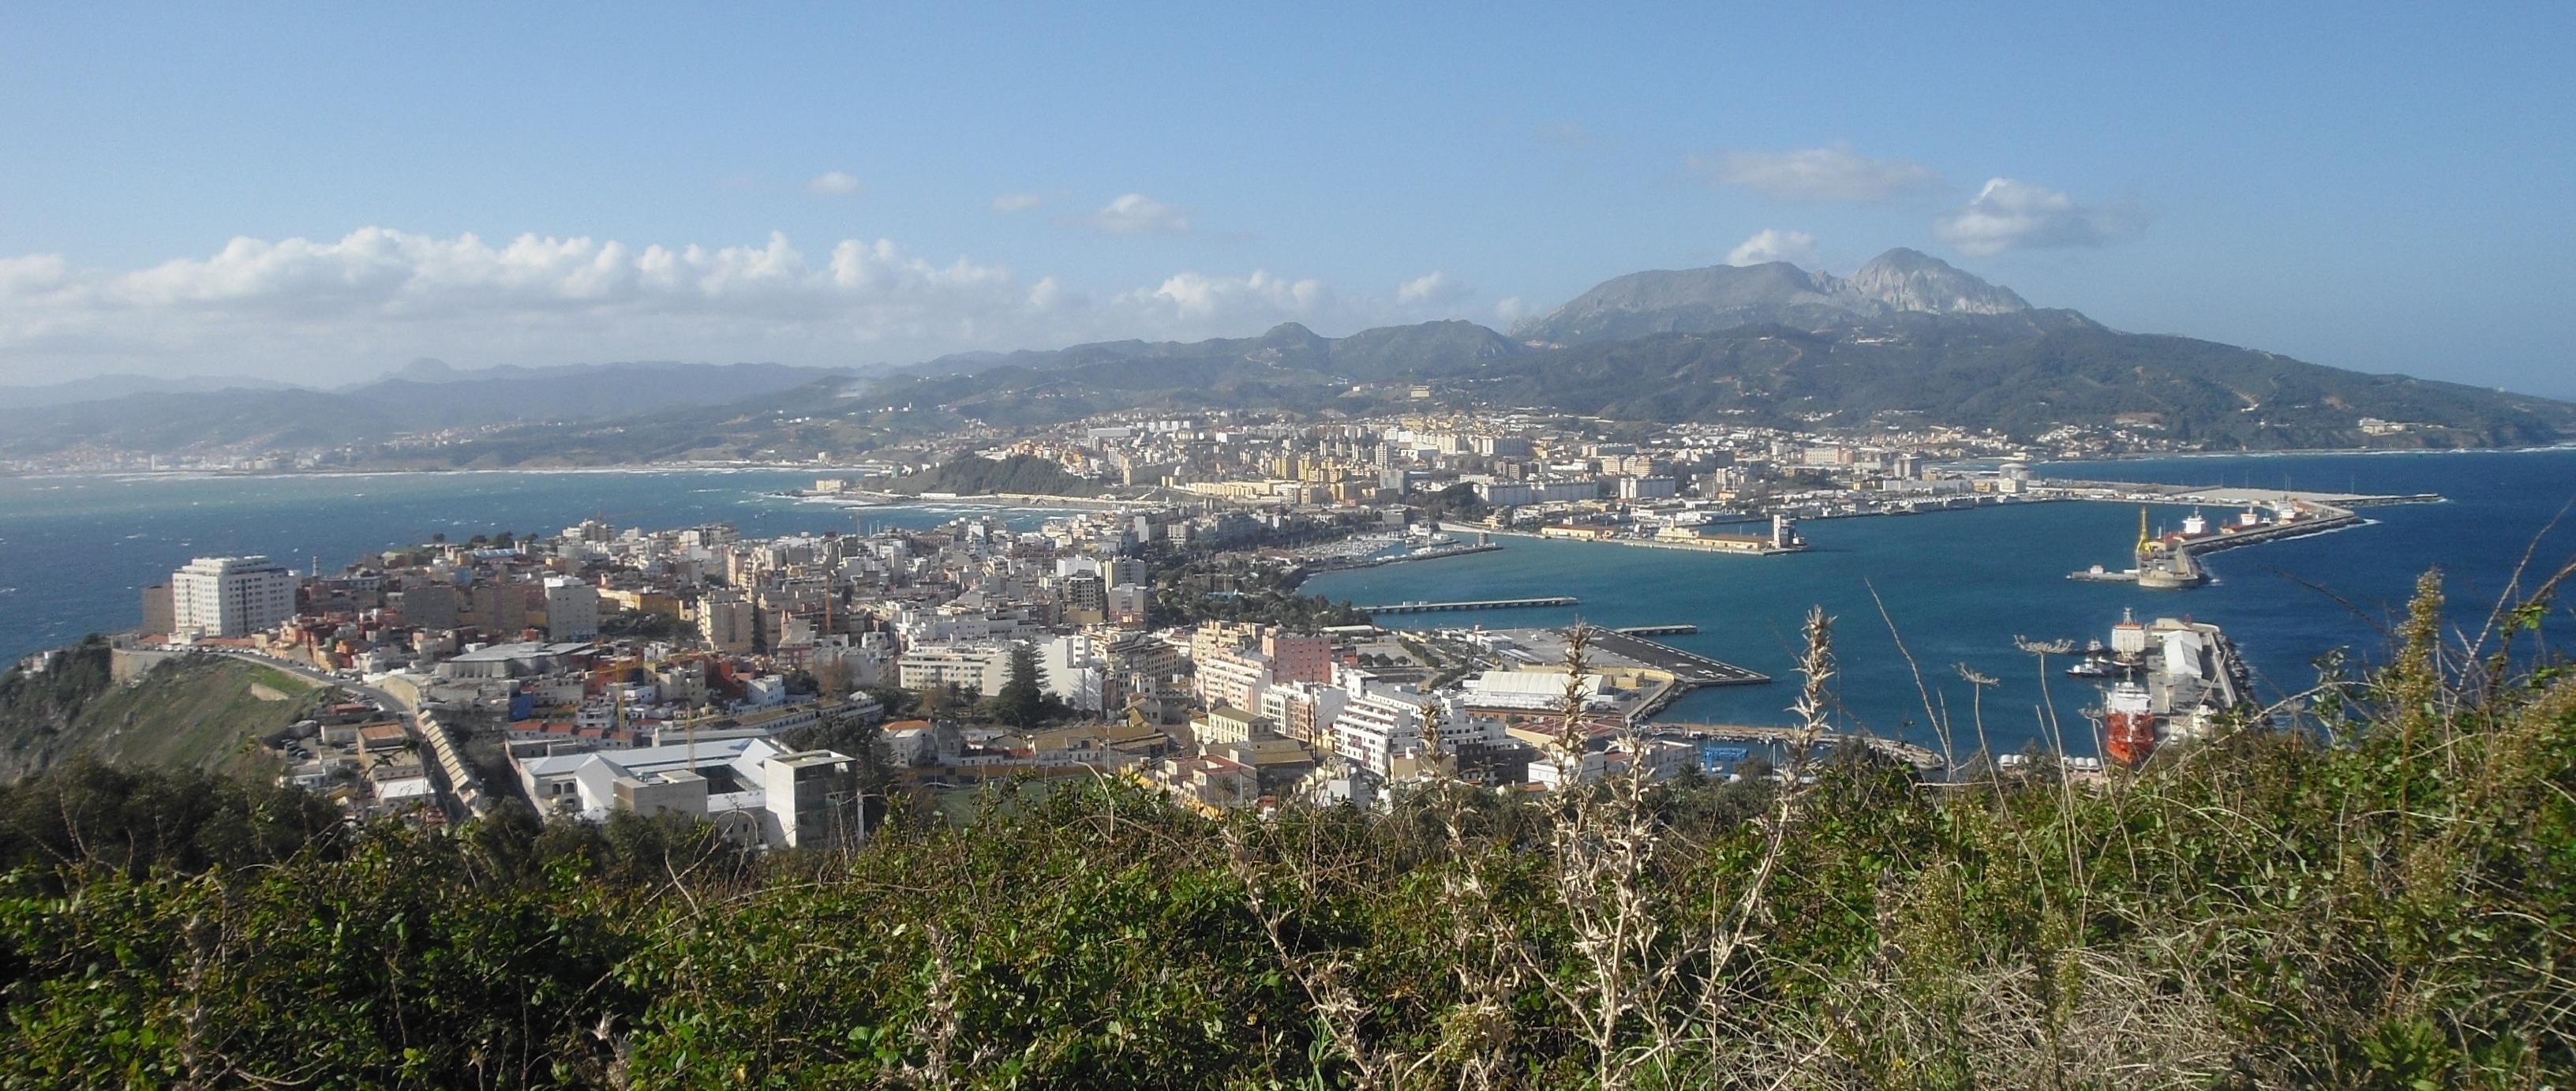 Ceuta desde el Monte Hacho (c) Pepe Navarrete